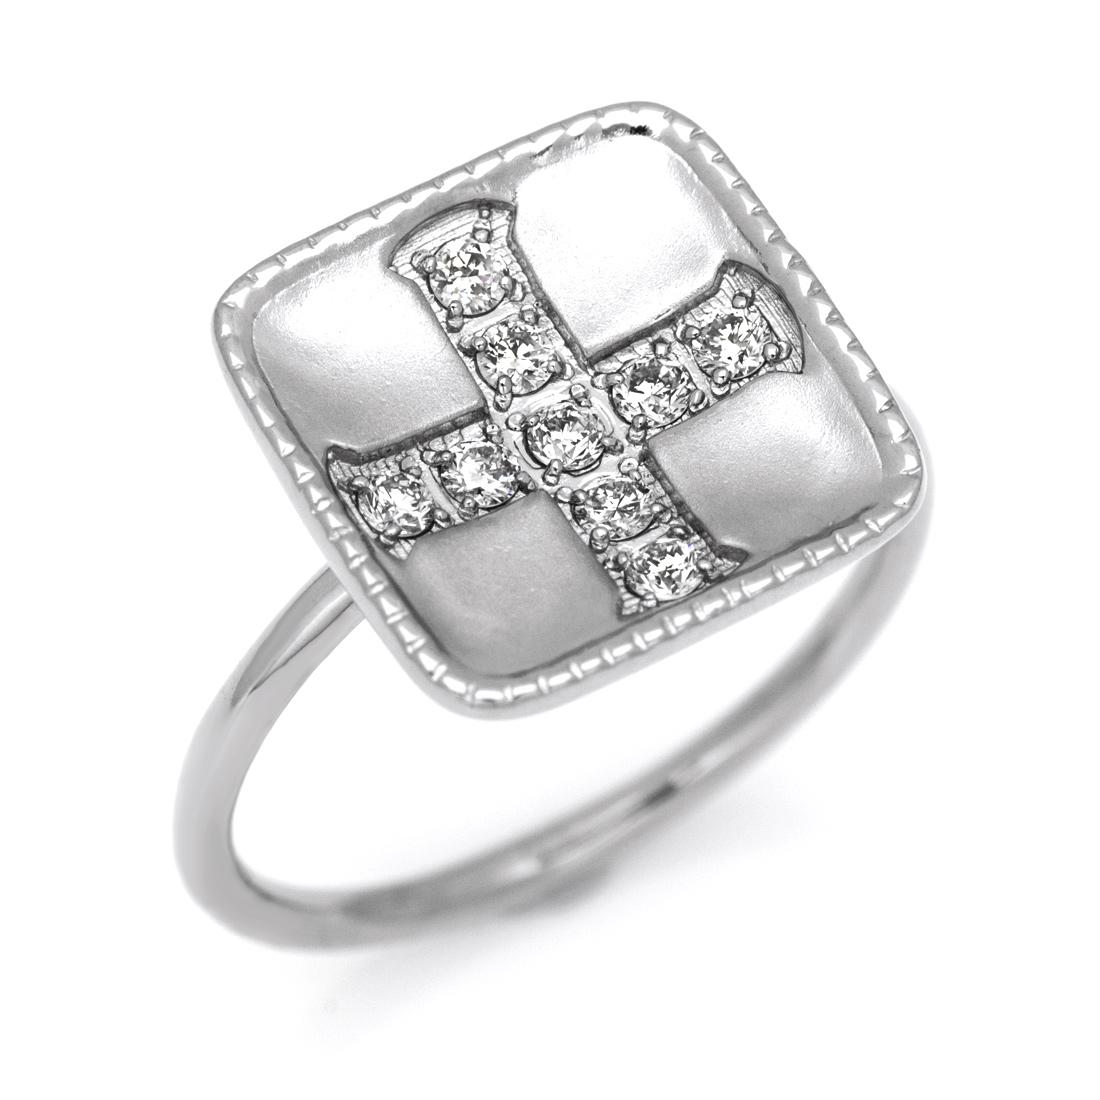 【GWクーポン配布中】K18 ダイヤモンド リング 「greco」送料無料 指輪 ゴールド 18K 18金 ダイアモンド クロス 十字架 誕生日 4月誕生石 刻印 文字入れ メッセージ ギフト 贈り物 ピンキーリング対応可能